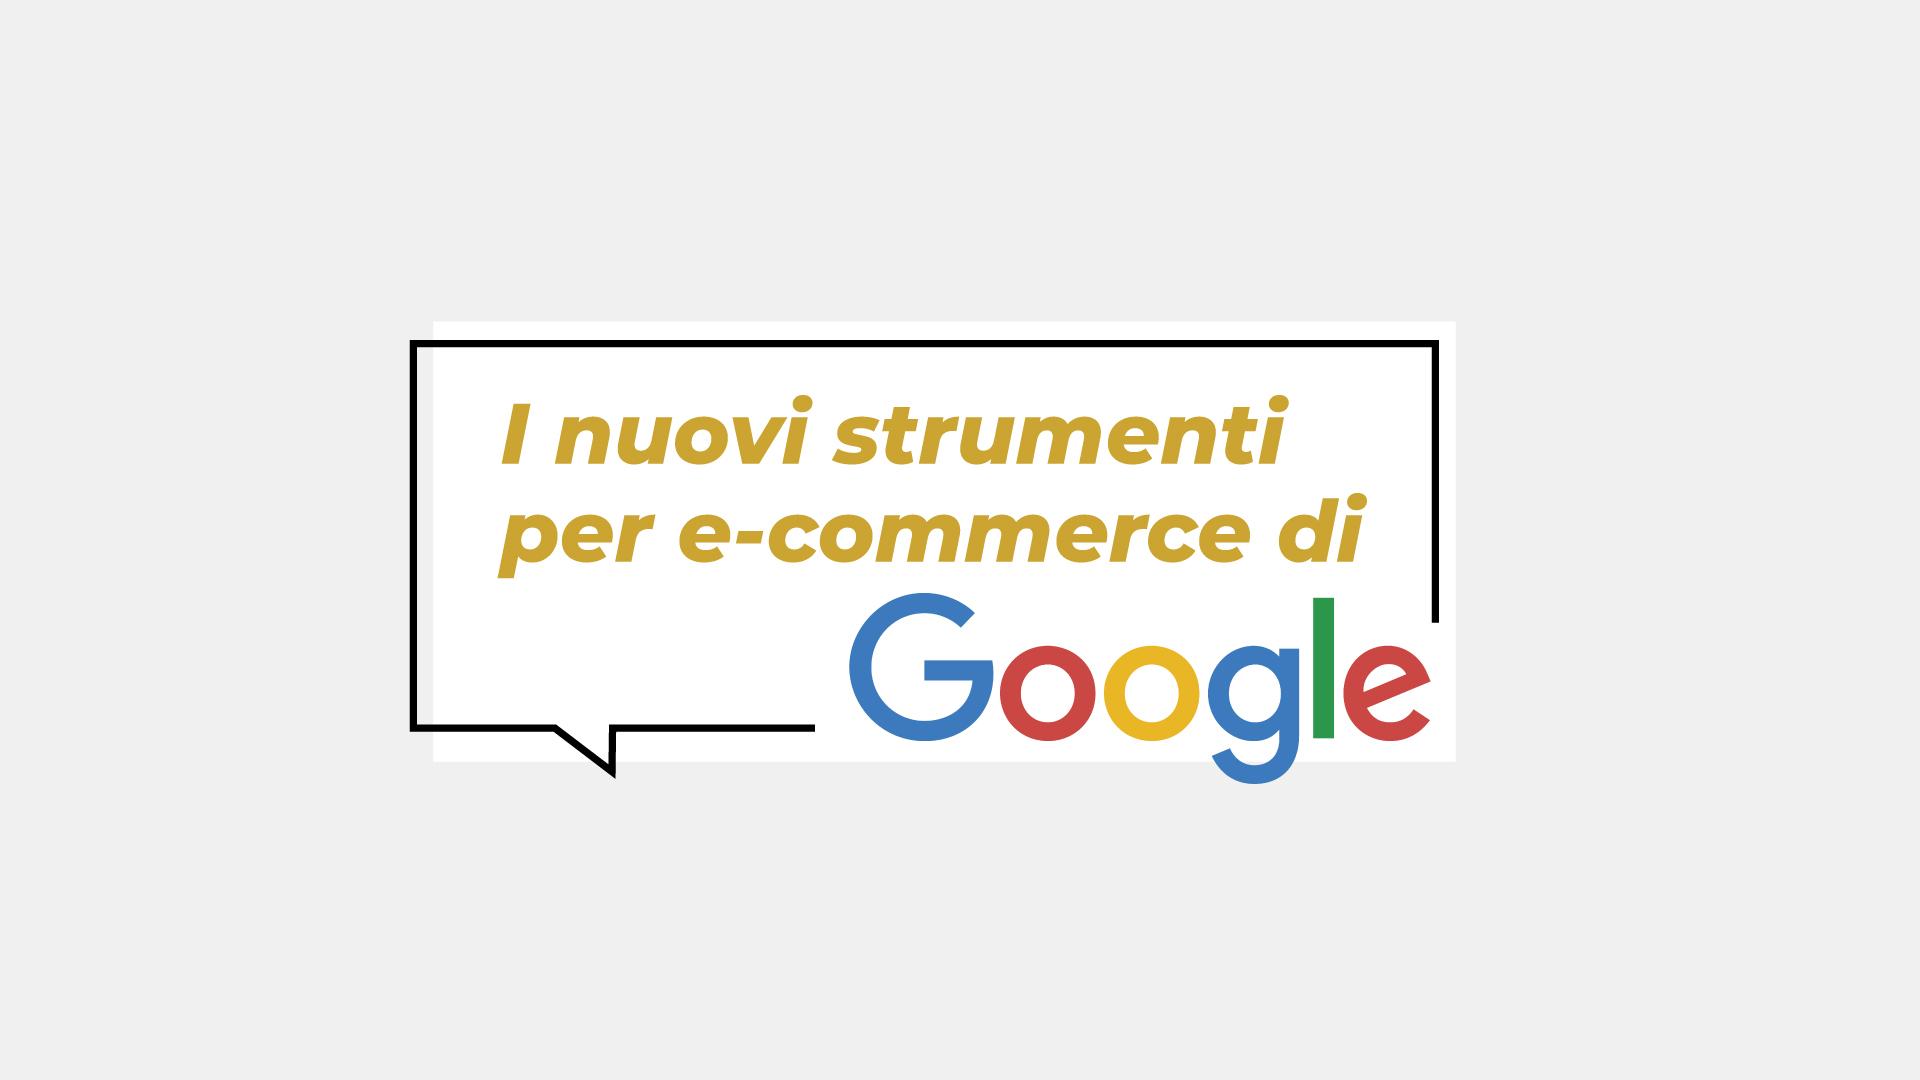 Google, i nuovi strumenti per gli e-commerce